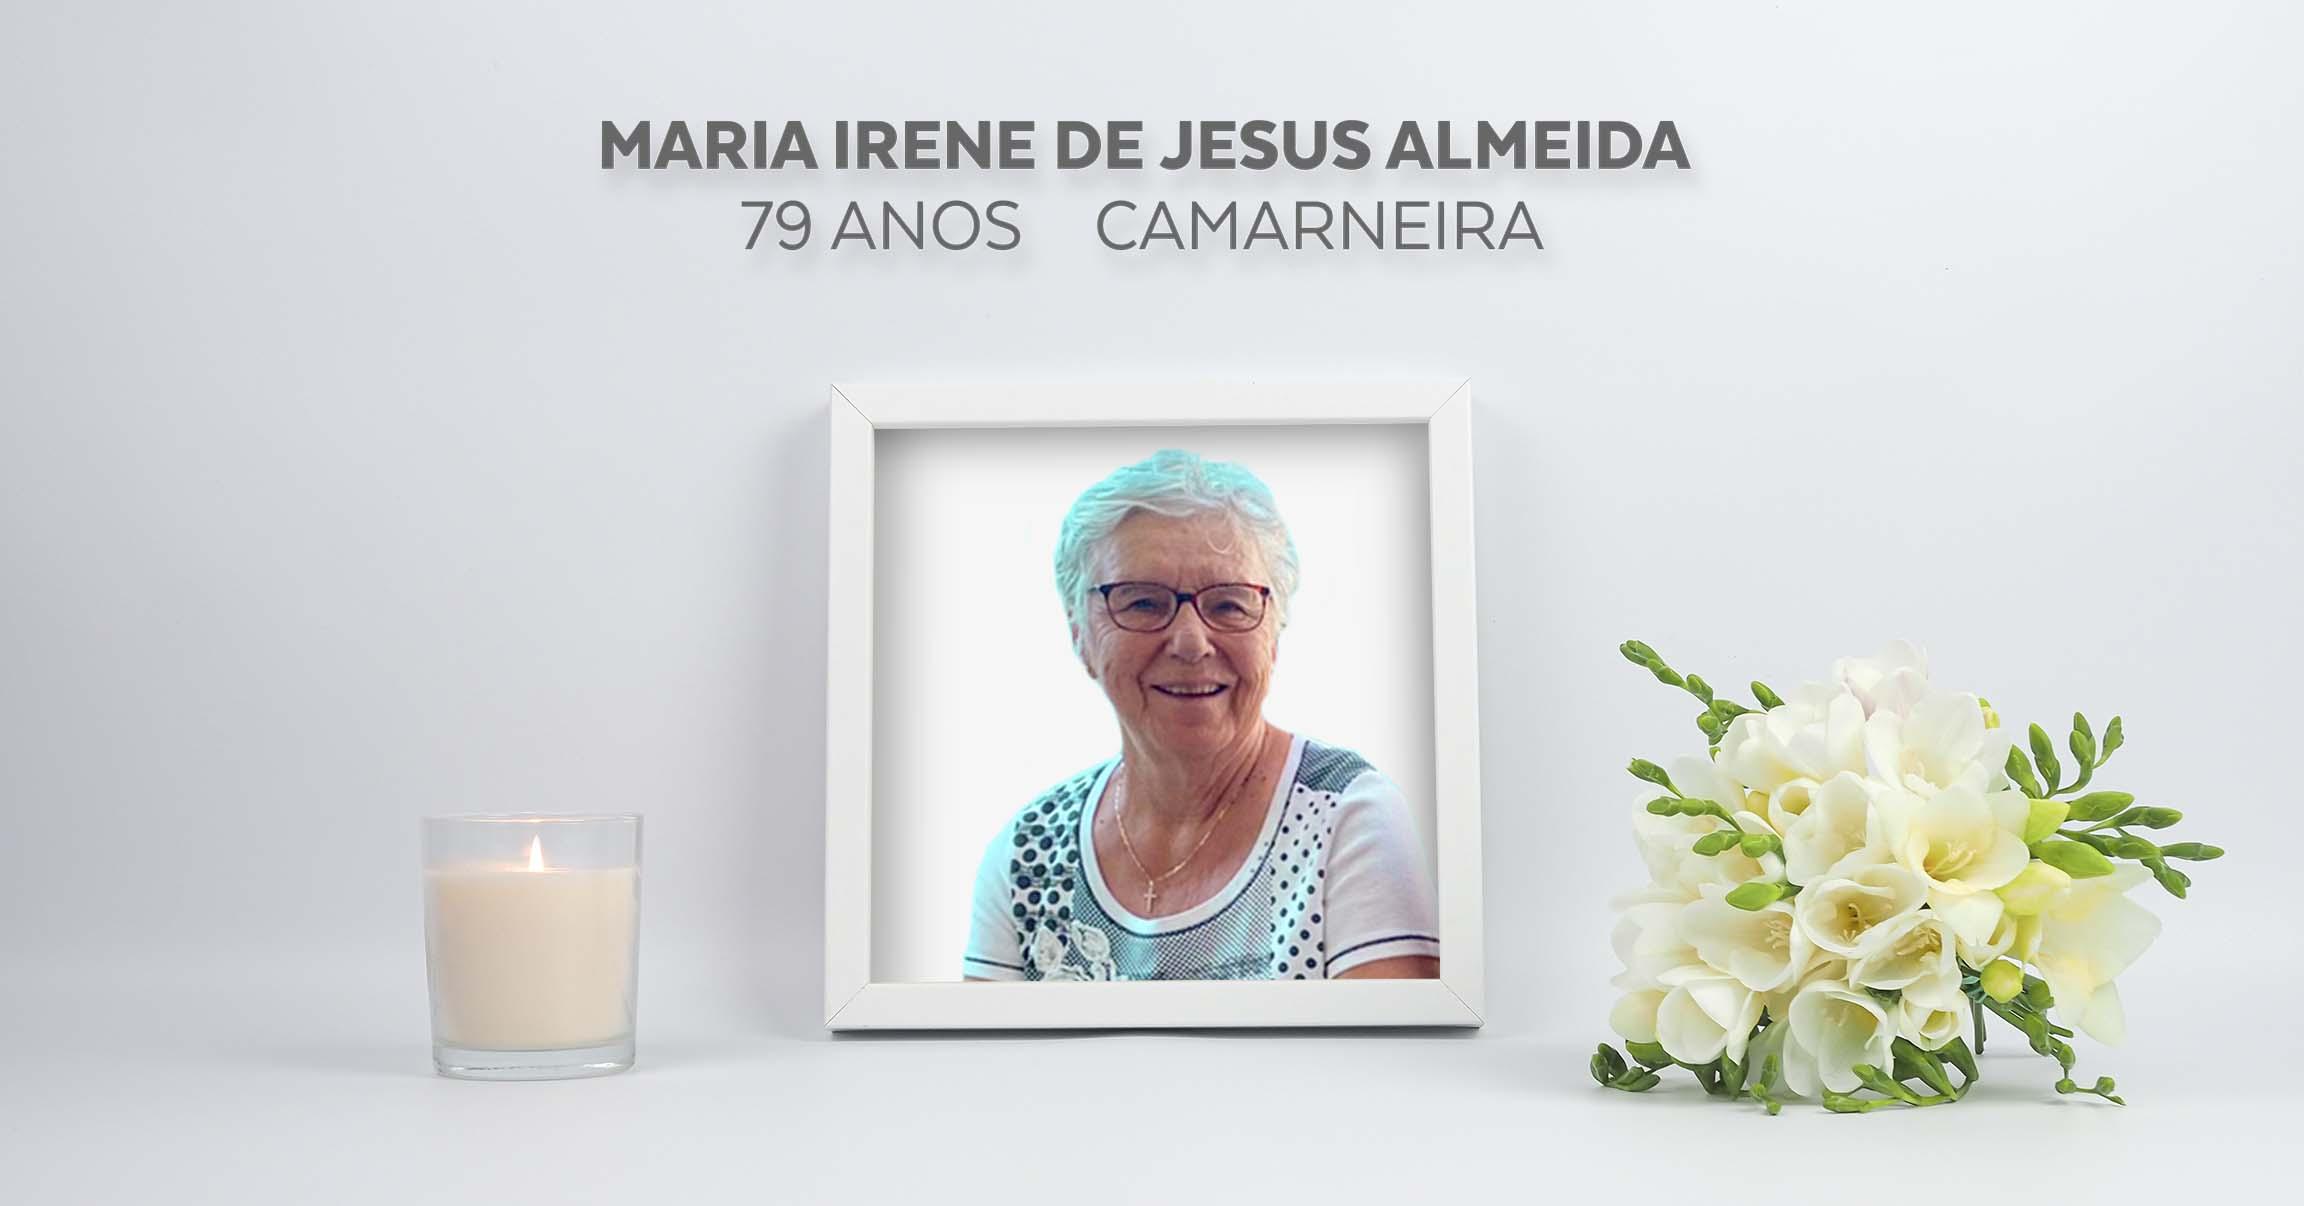 Maria Irene de Jesus Almeida